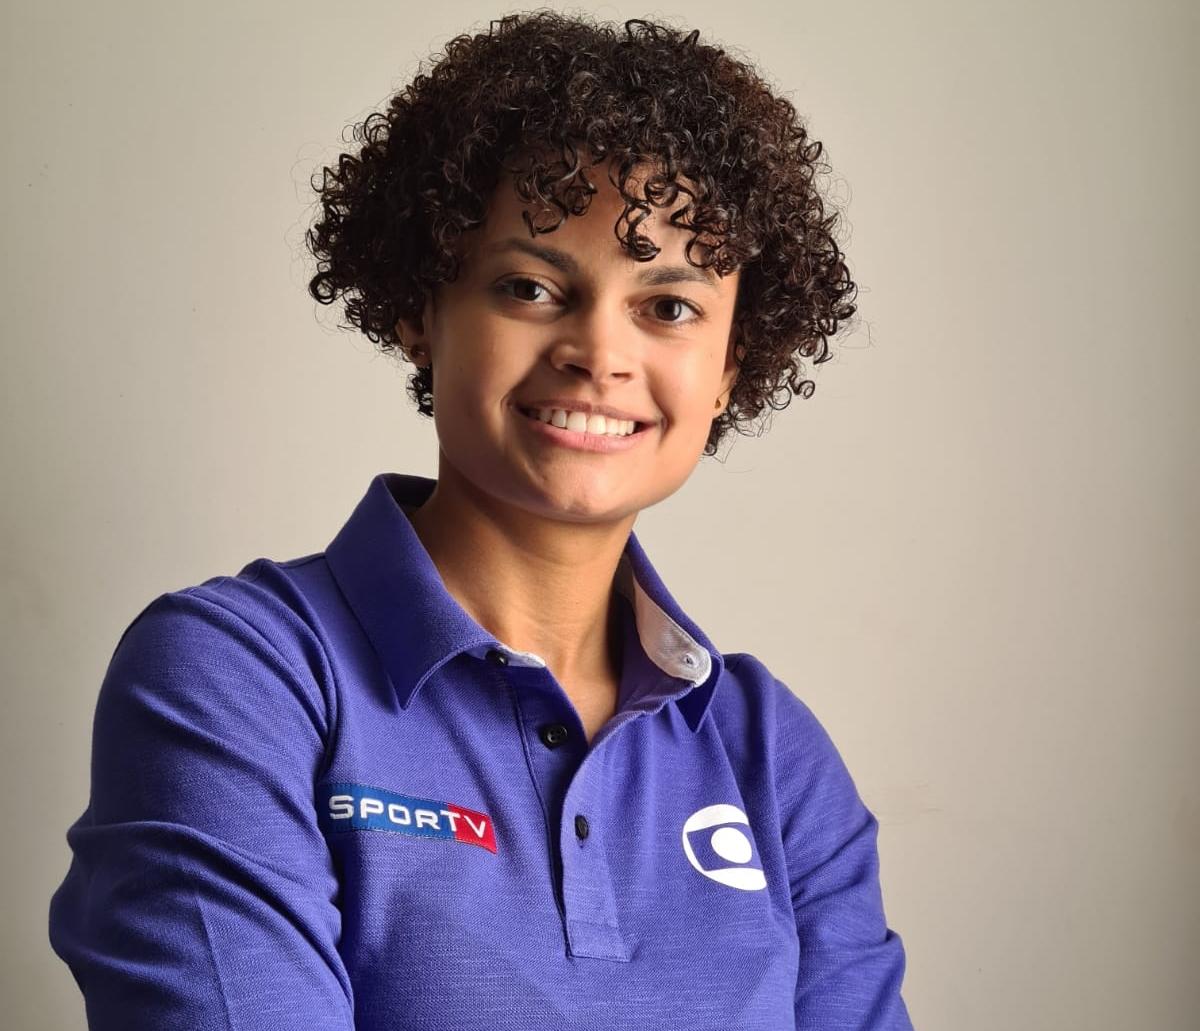 Comentarista da TV Globo e do SporTV nos Jogos Olímpicos, Bia Bulcão mostra-se confiante em possibilidade de medalhas na esgrima